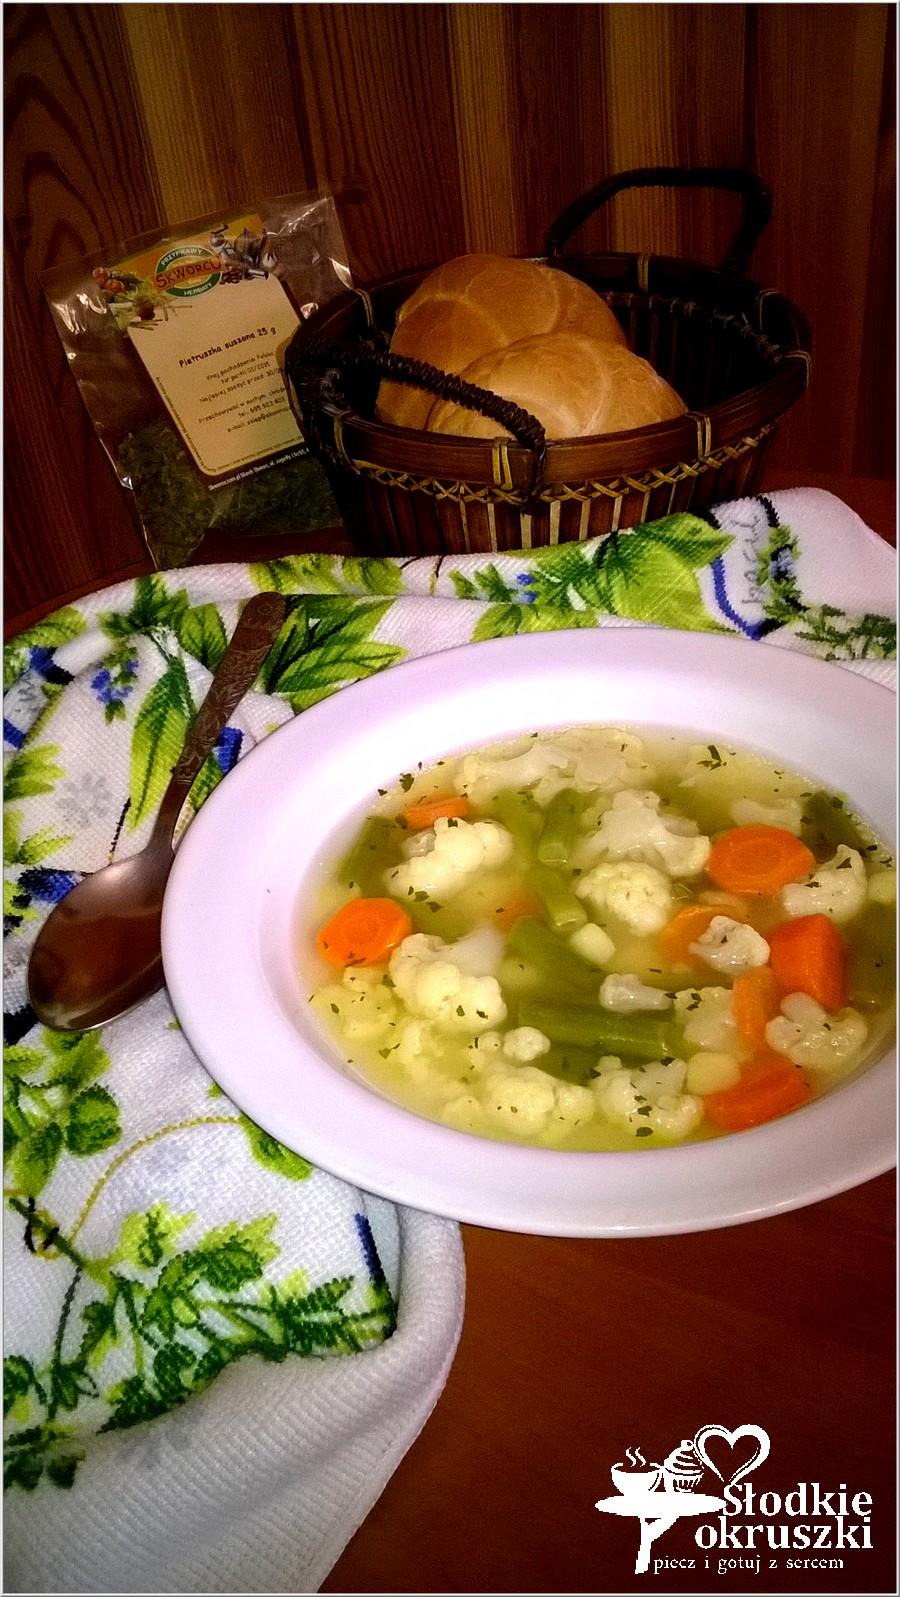 Zupa pełna jarzyn (zupa warzywna)